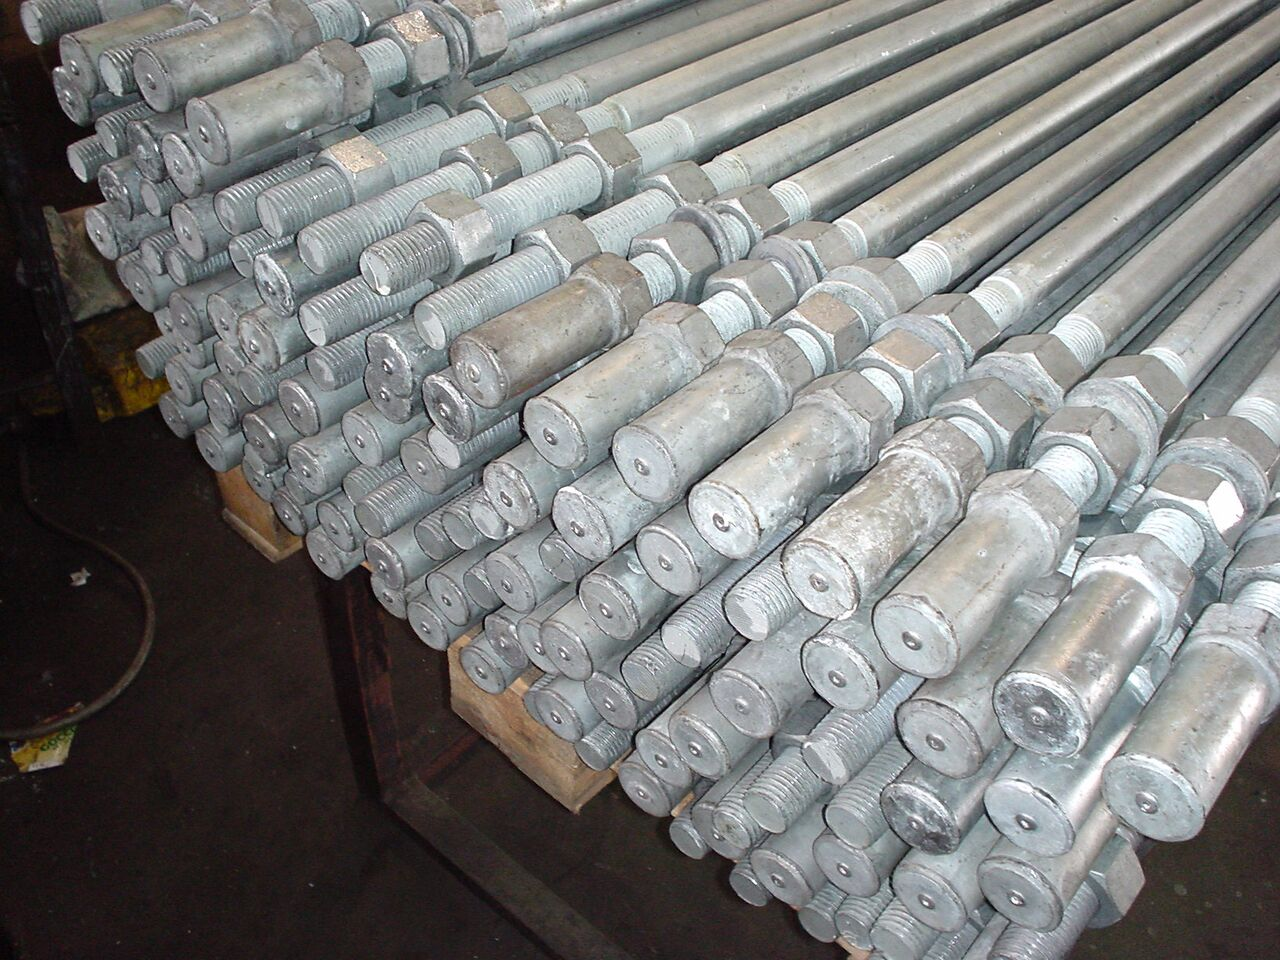 Tiranti-zincati-a-caldo-con-cappuccio-Zardini-Srl-150x150.jpg